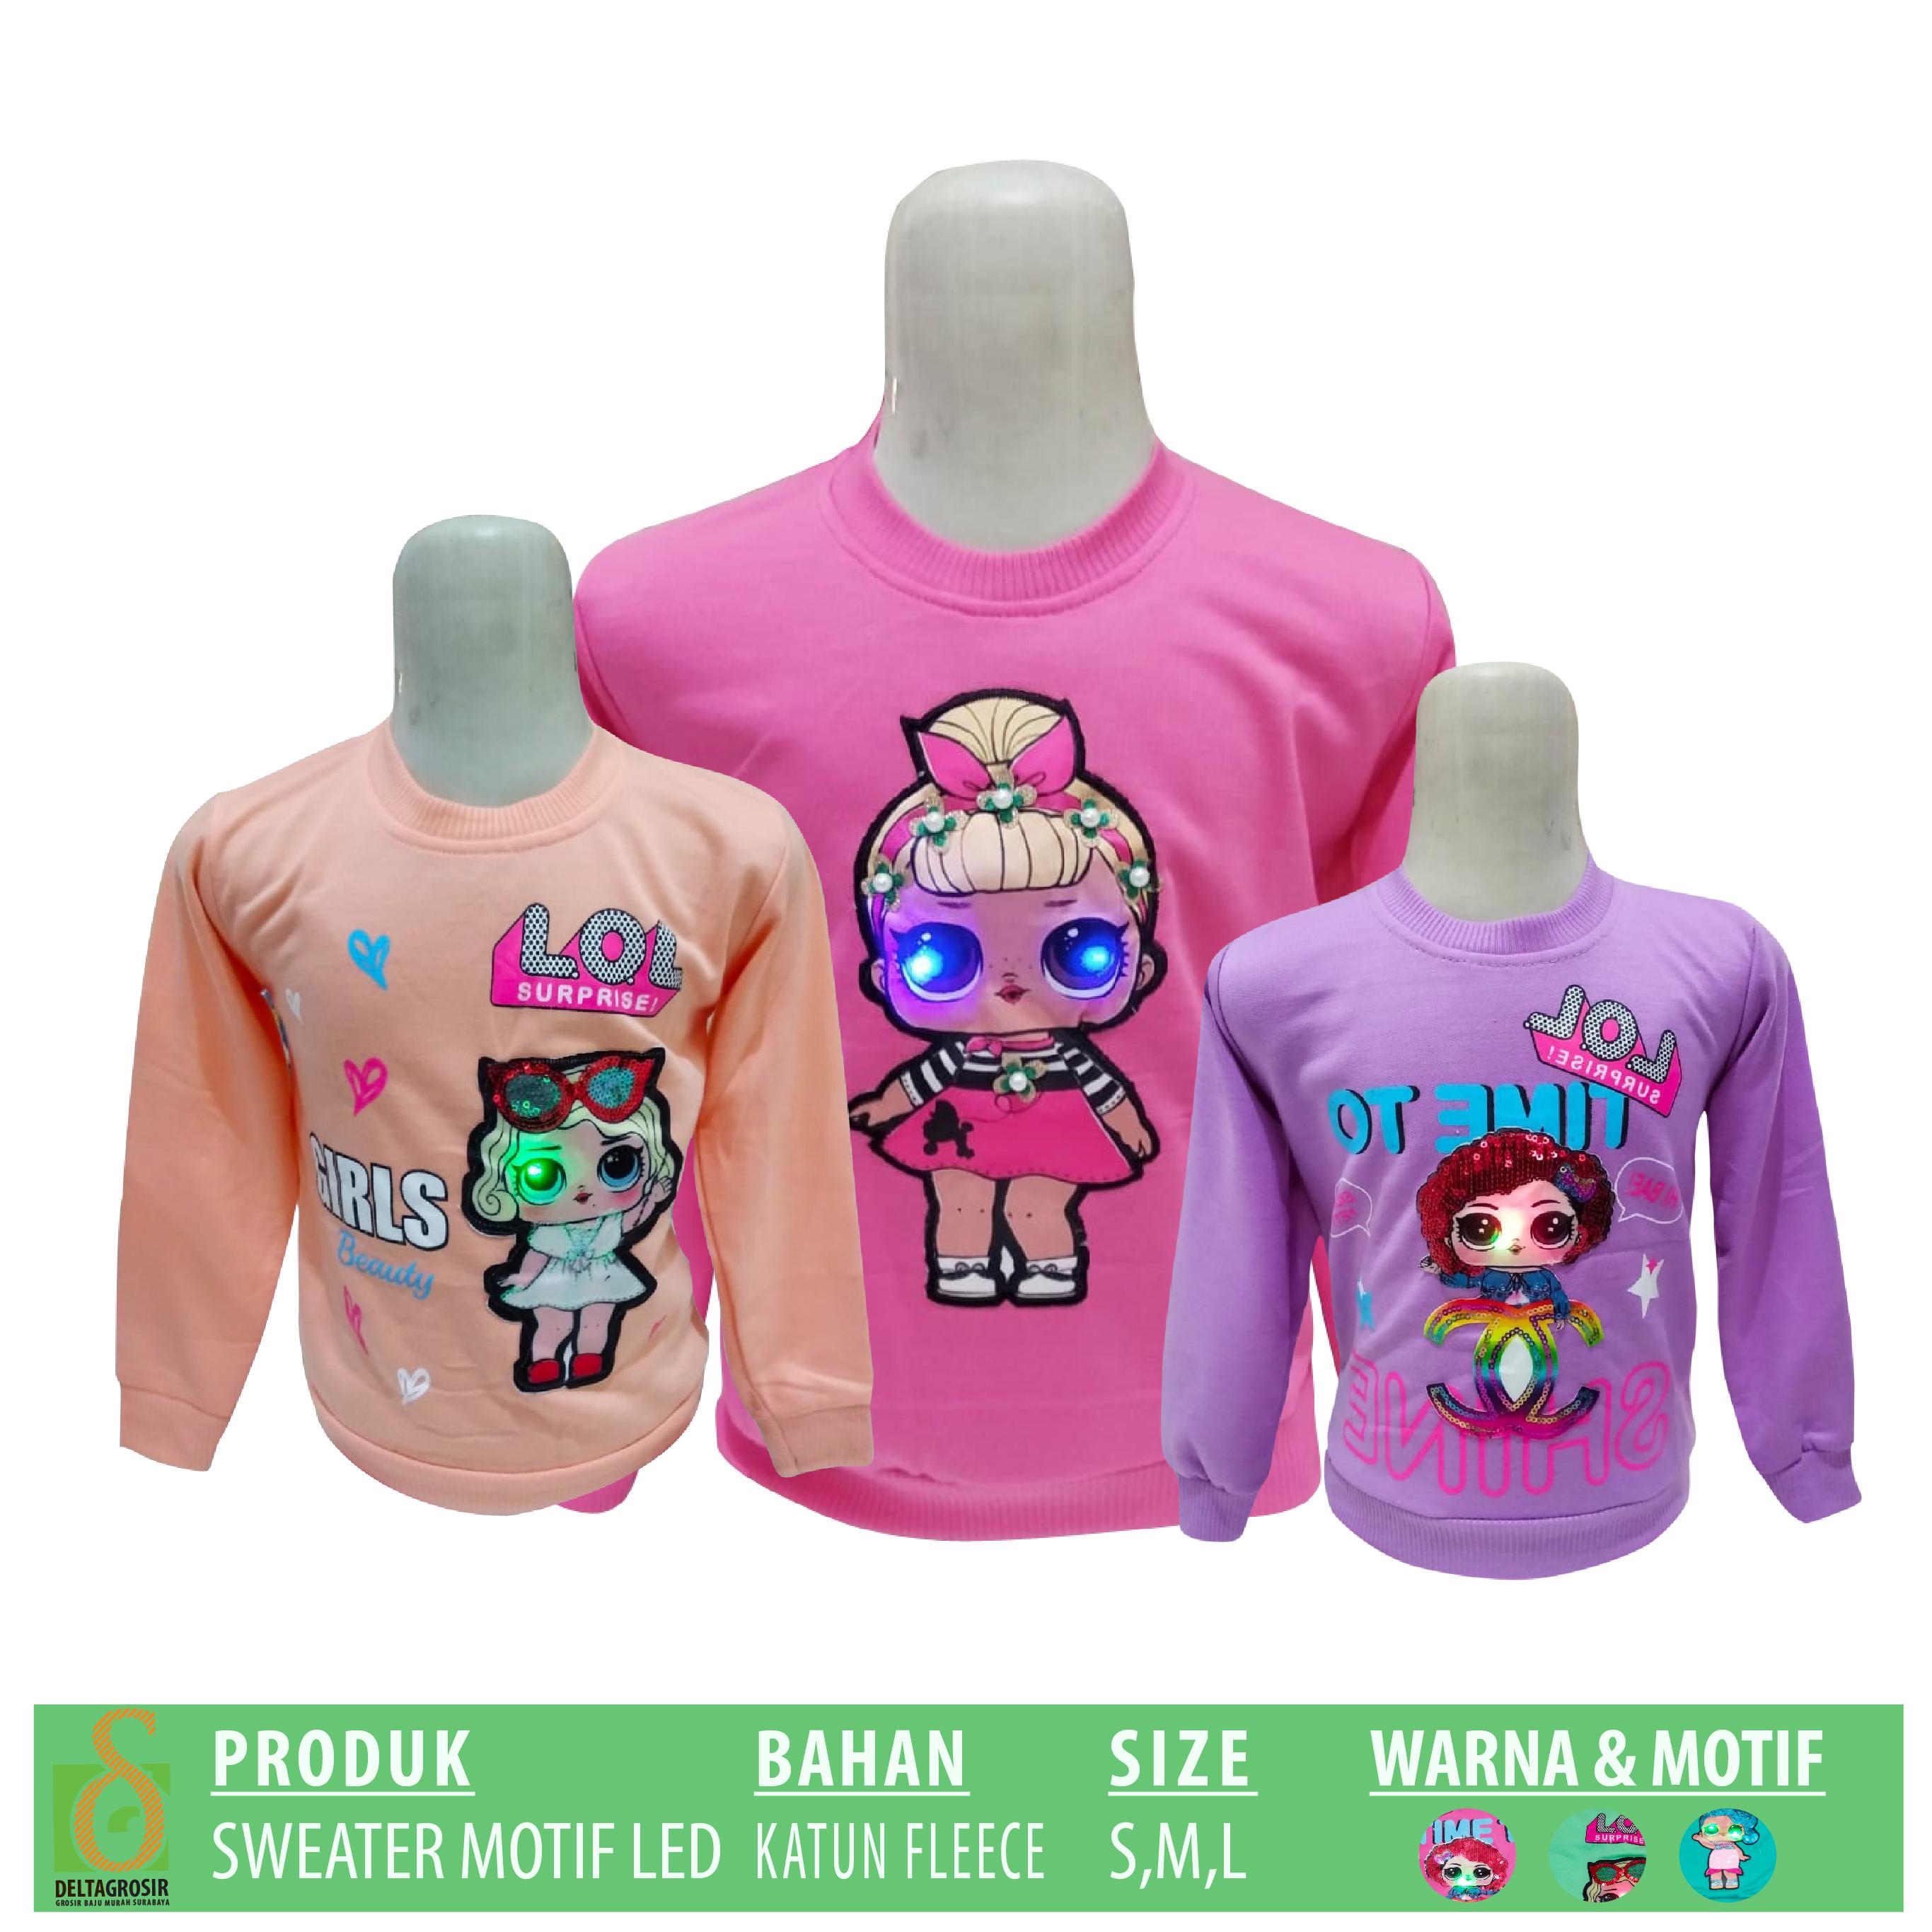 Produsen Sweater Motif LED Murah di Surabaya